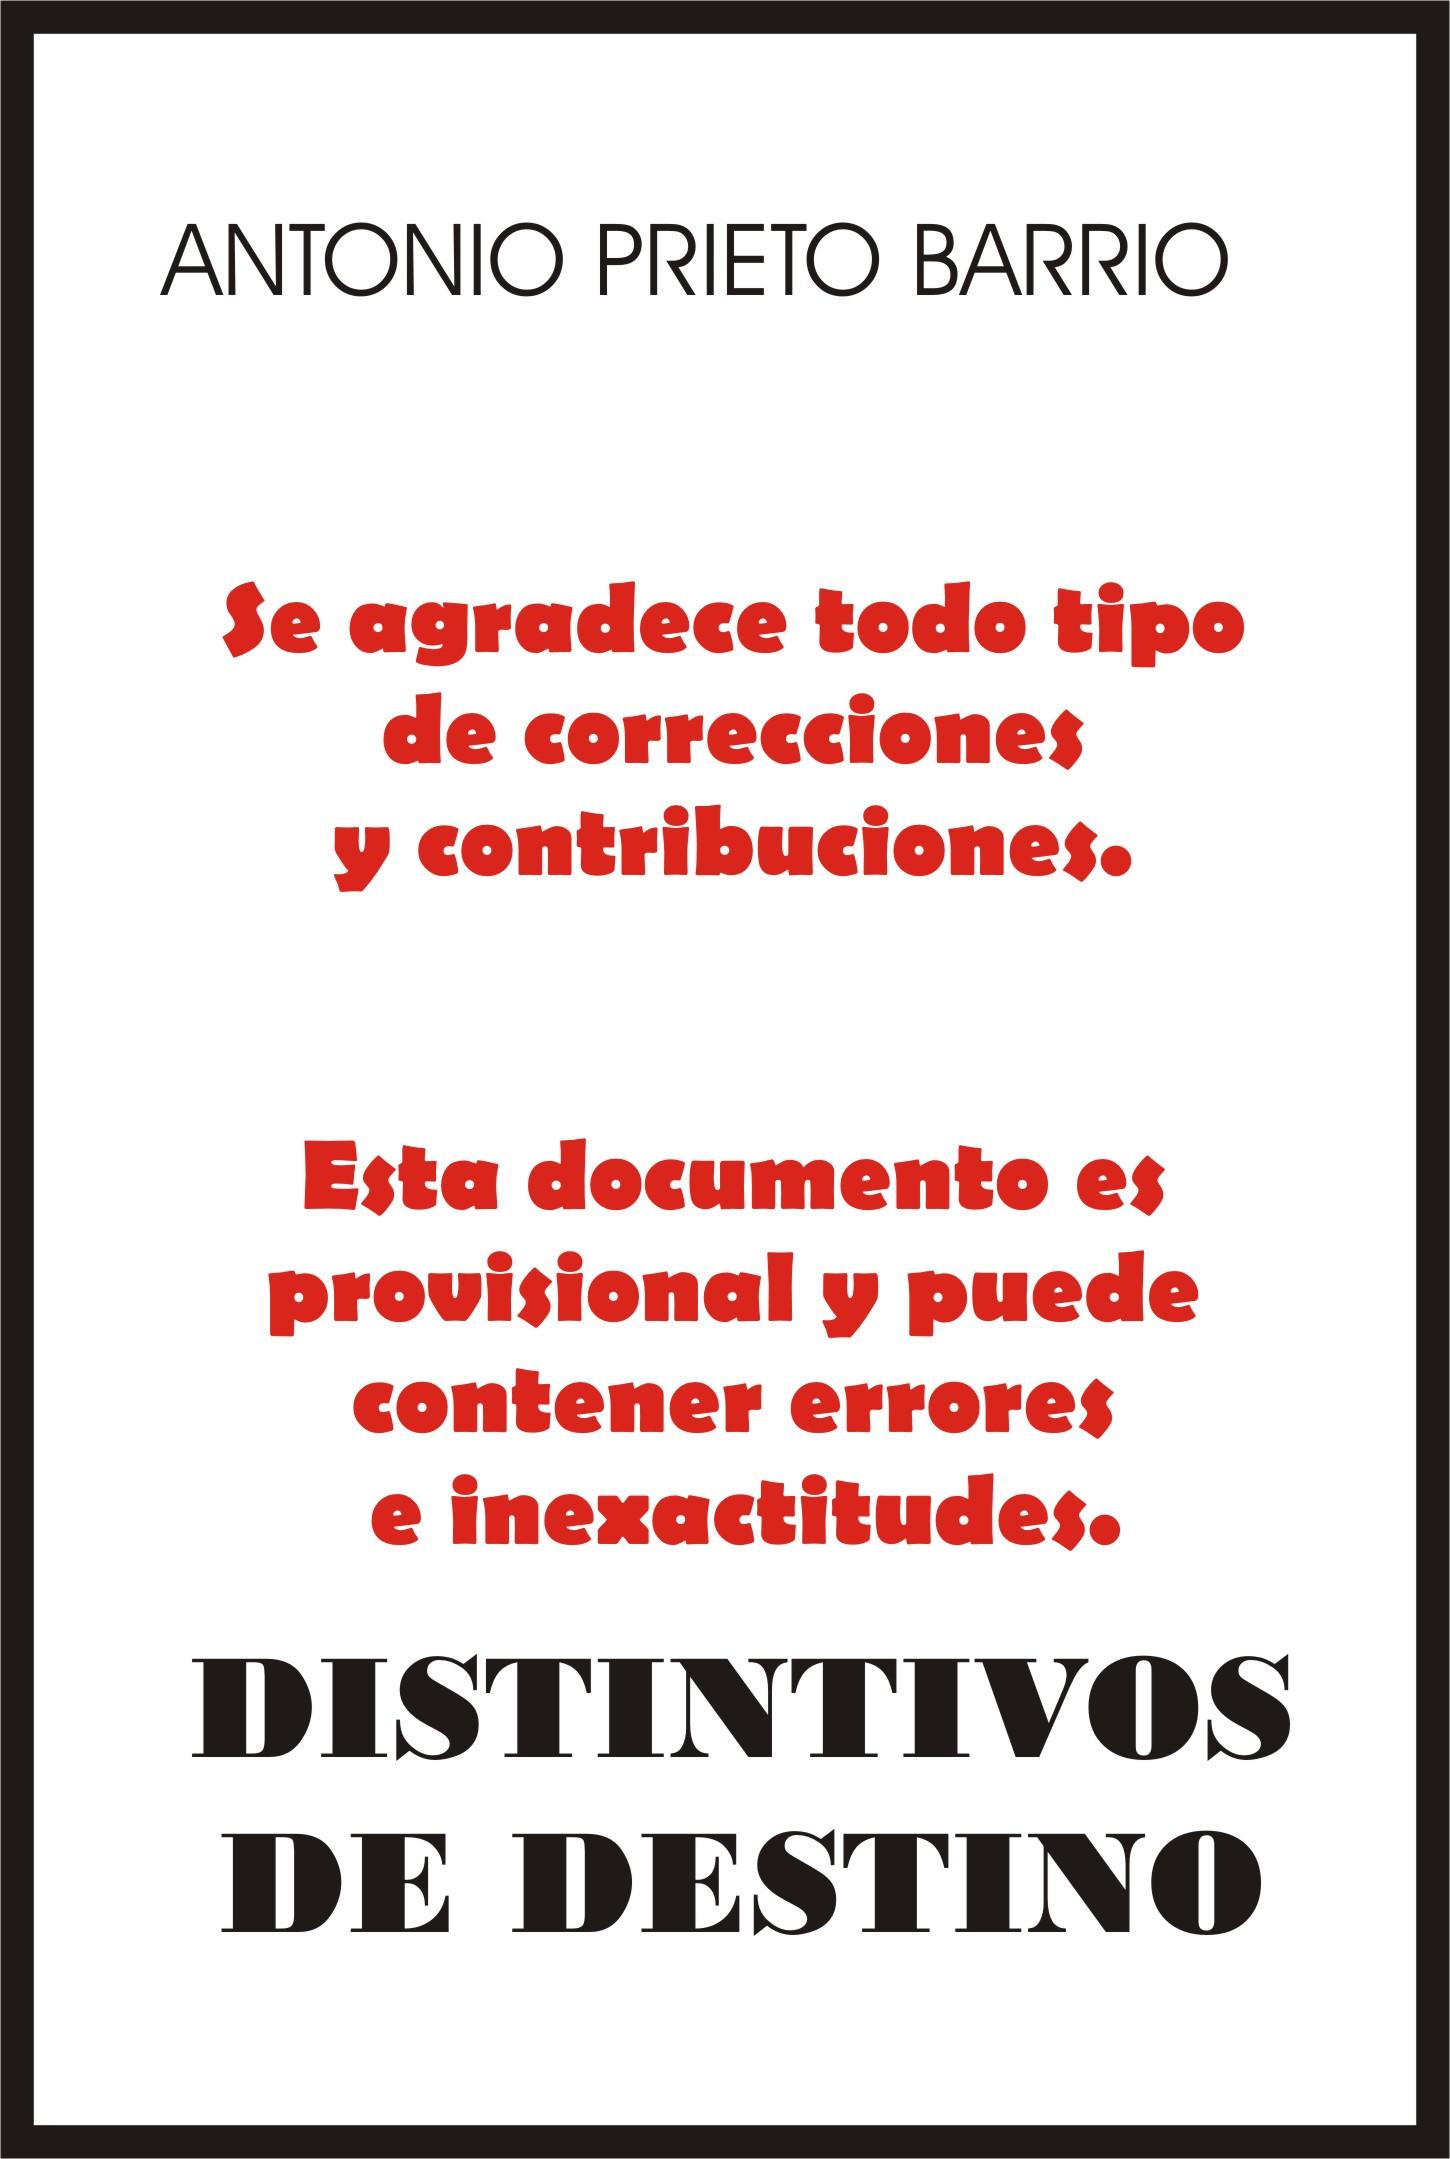 Portada Distintivos de destino. Antonio Prieto Barrio